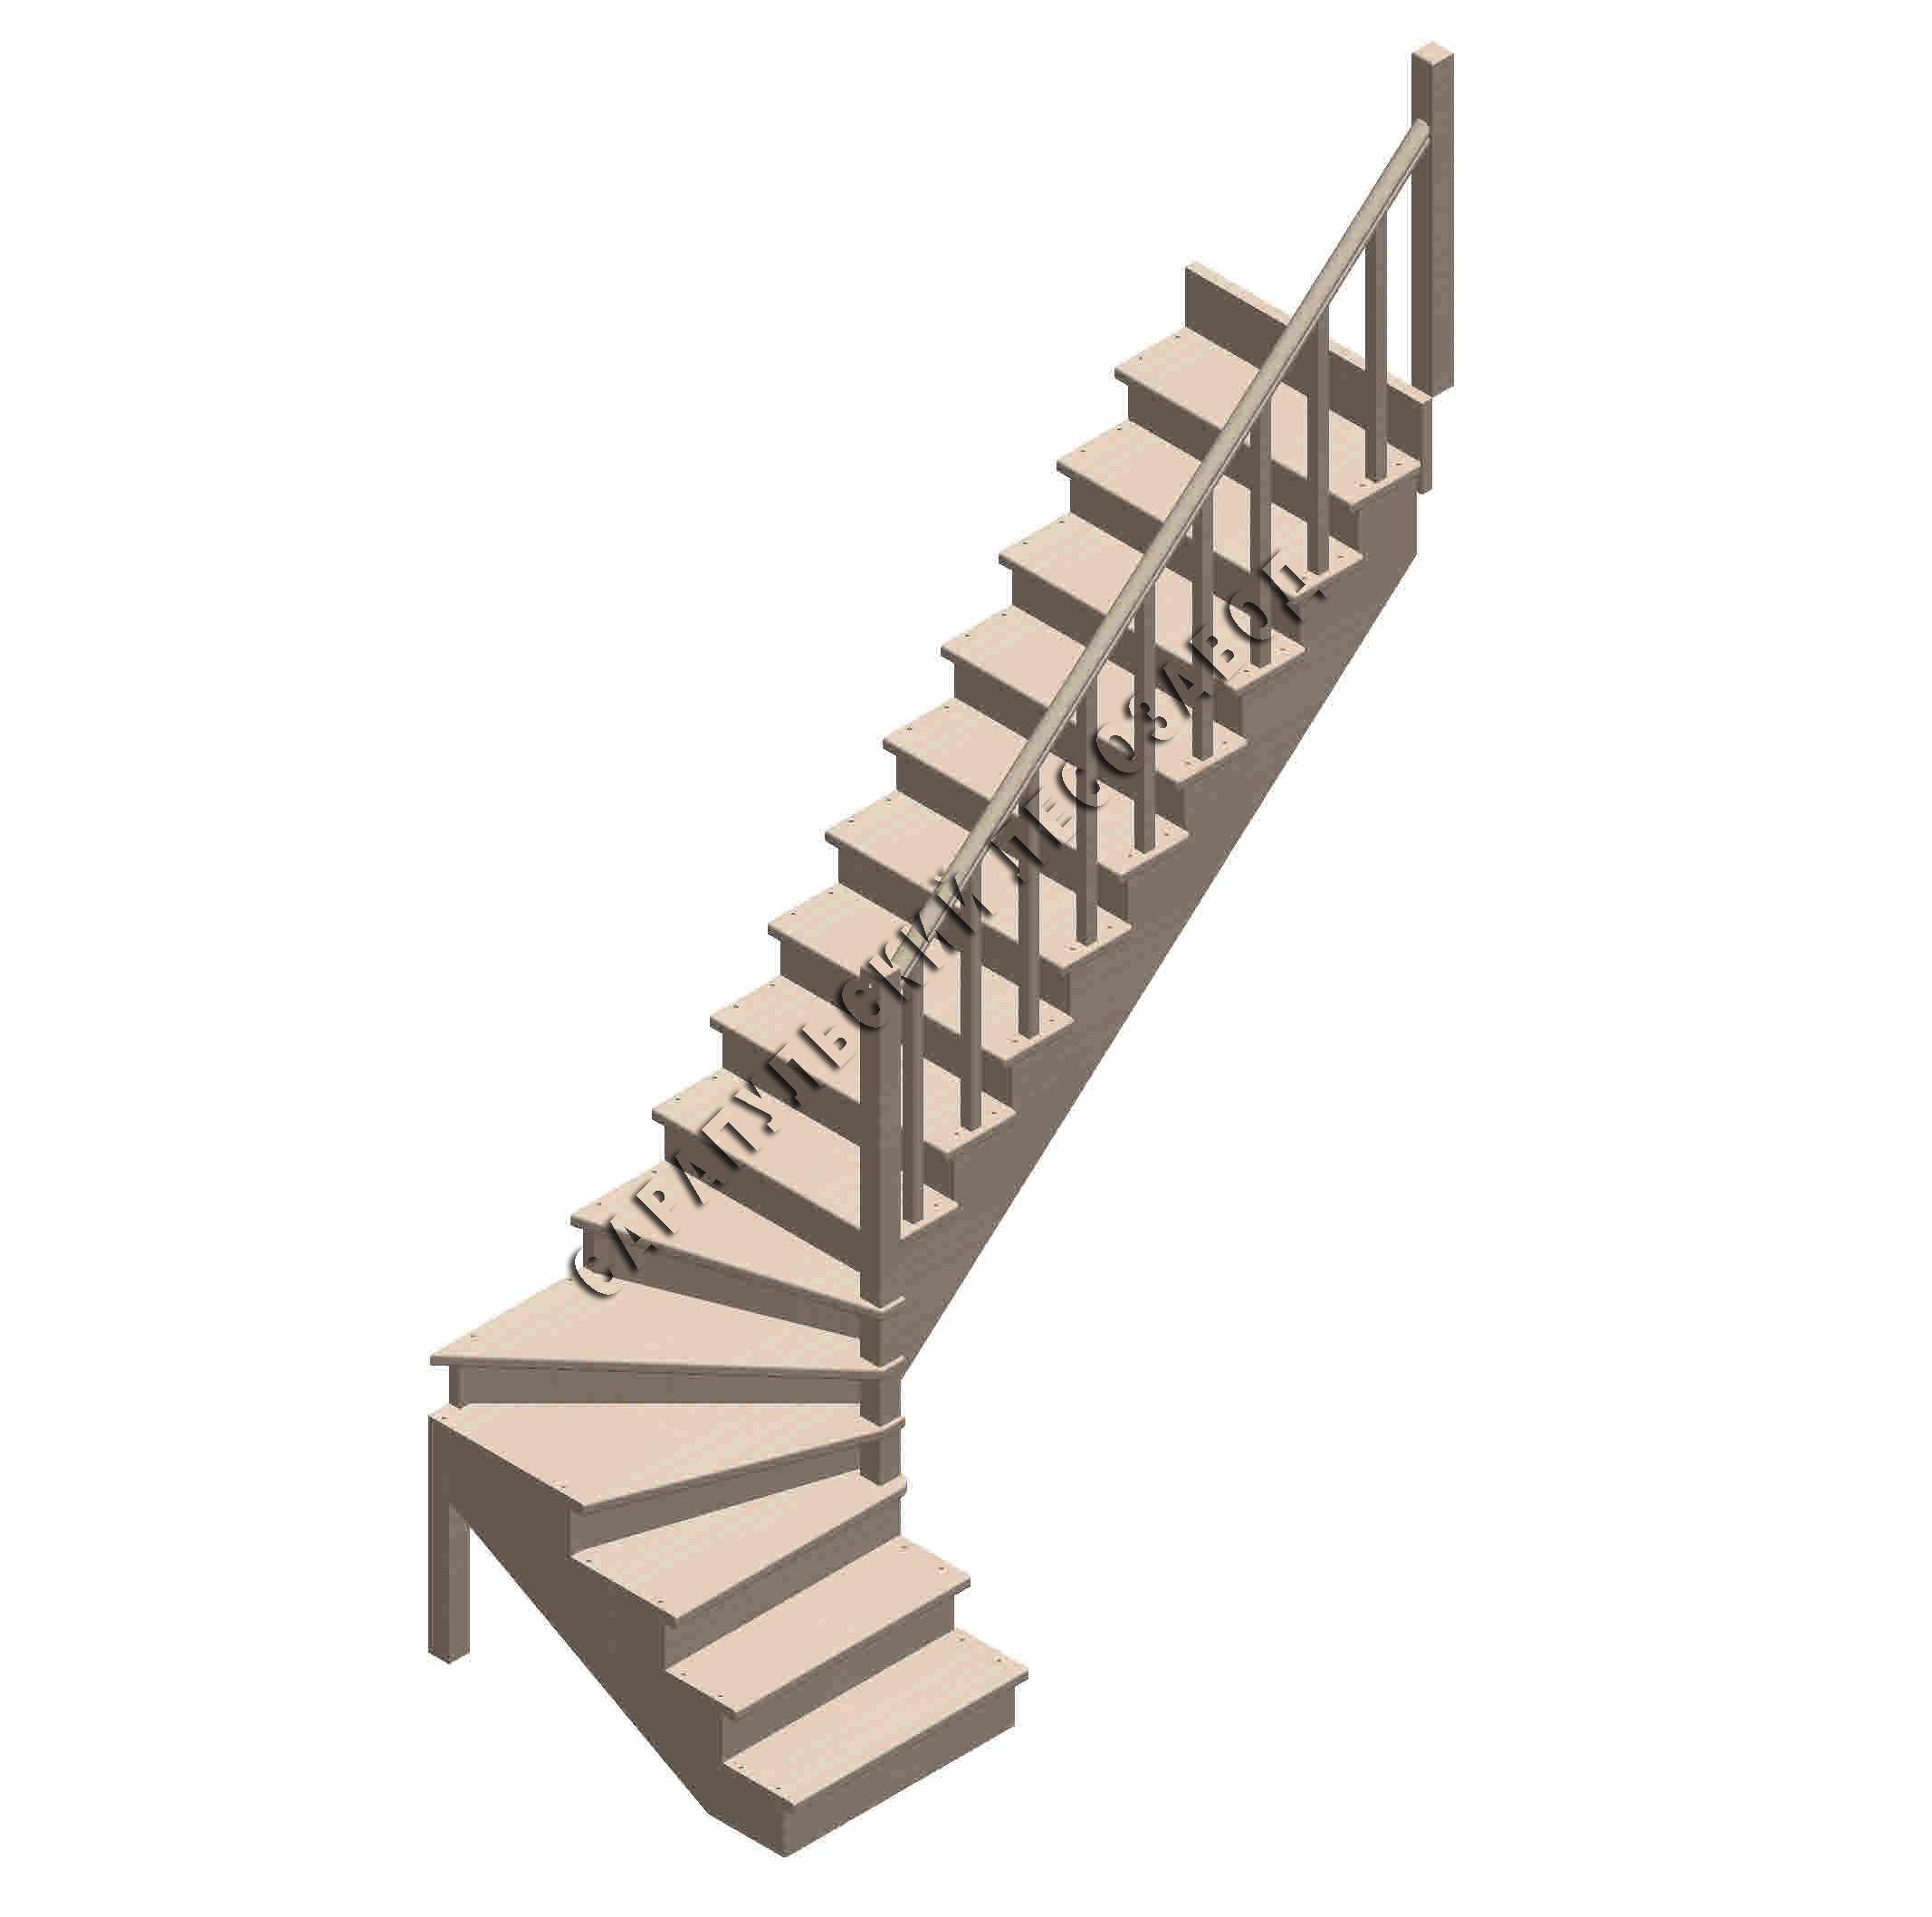 Балясина деревянная 45*45*900 №5 от компании Дары леса в